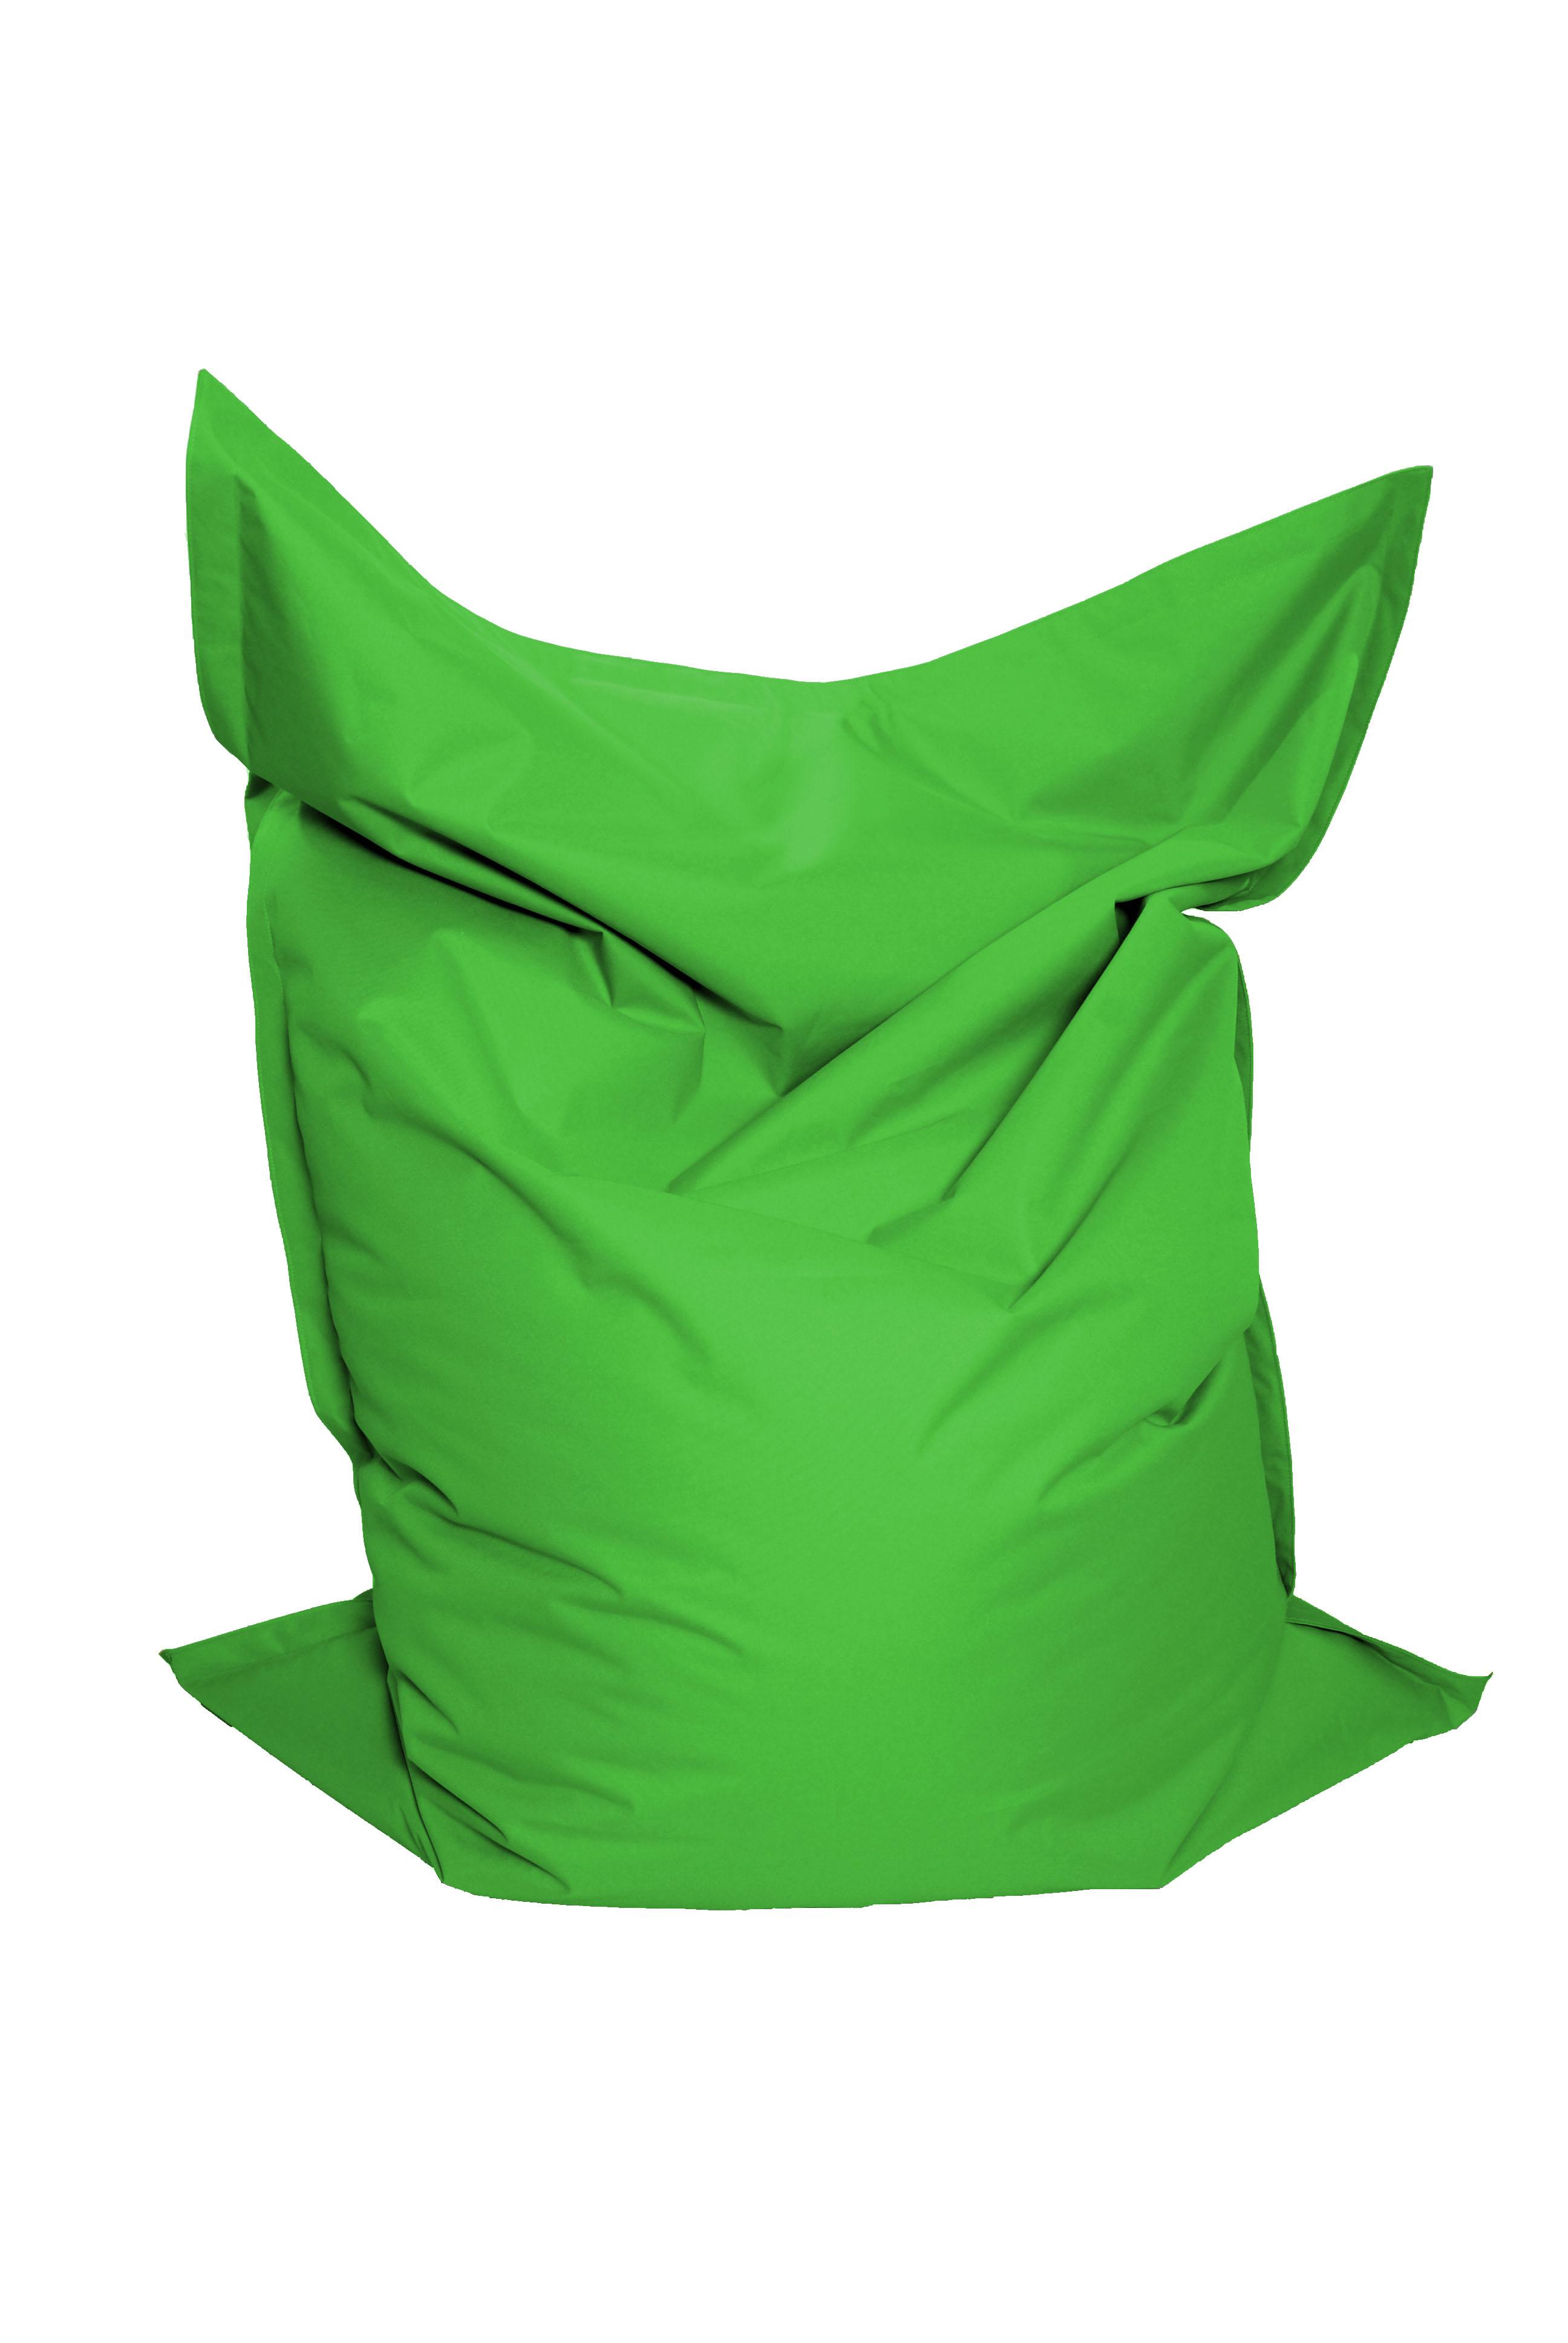 M&M sedací vak Standard 141X180cm zelená (zelená 60166)